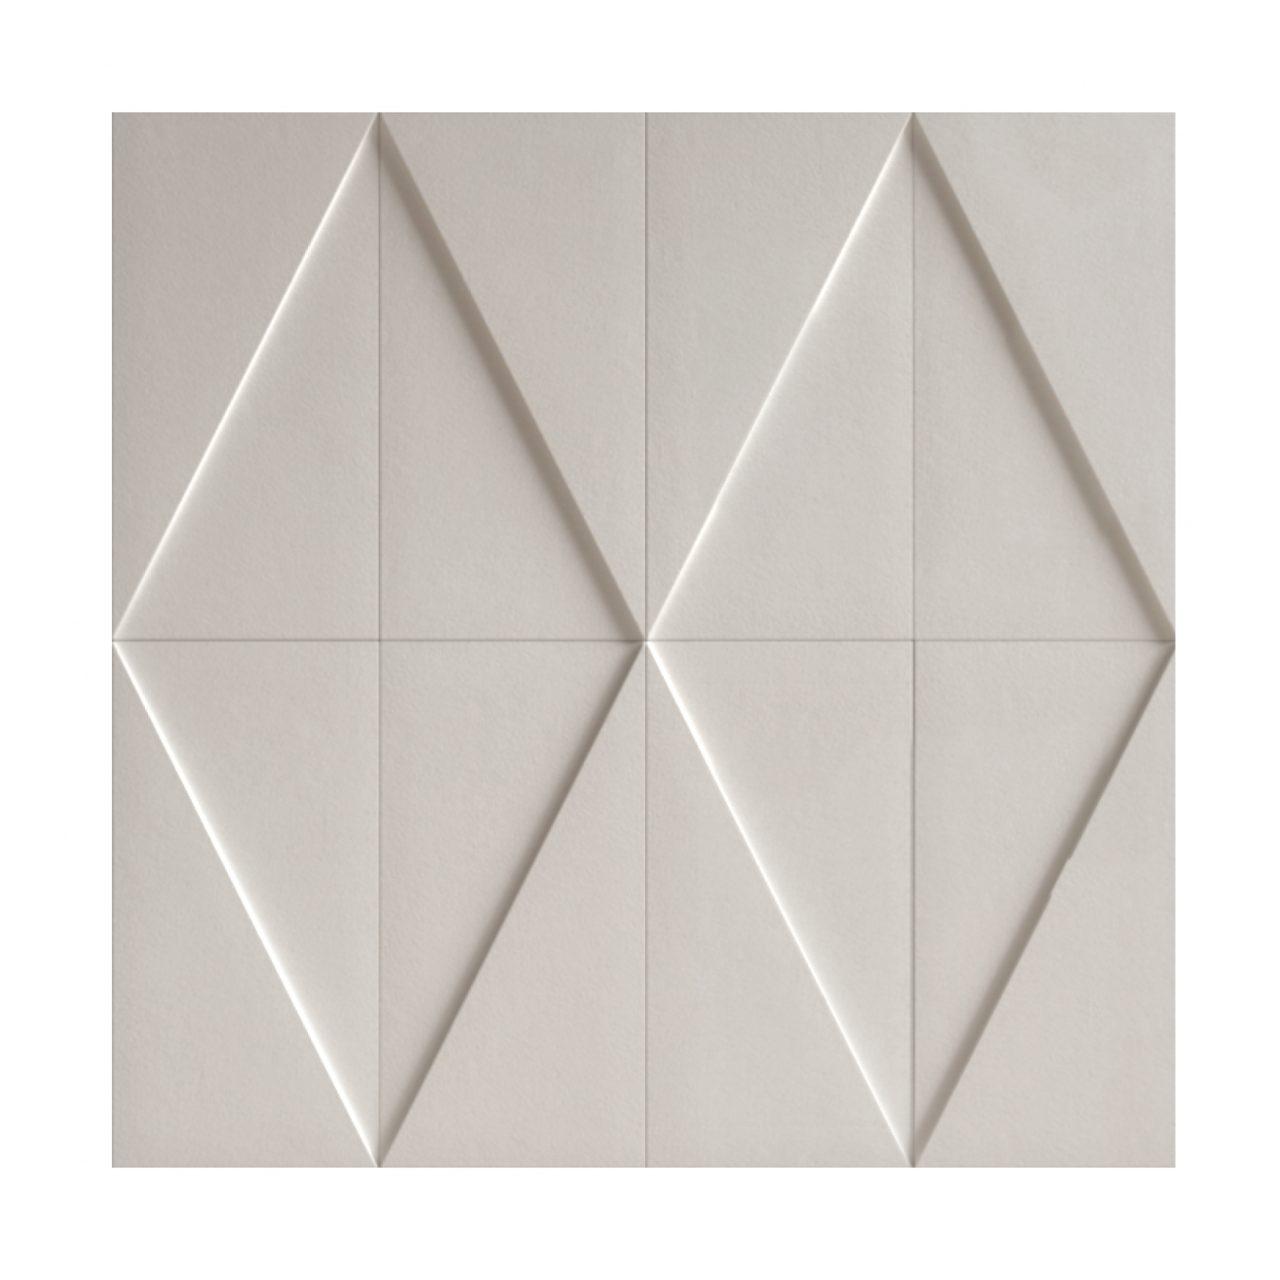 render catalogo h+o modellazione 3D MAdeMA studio interior design Udine